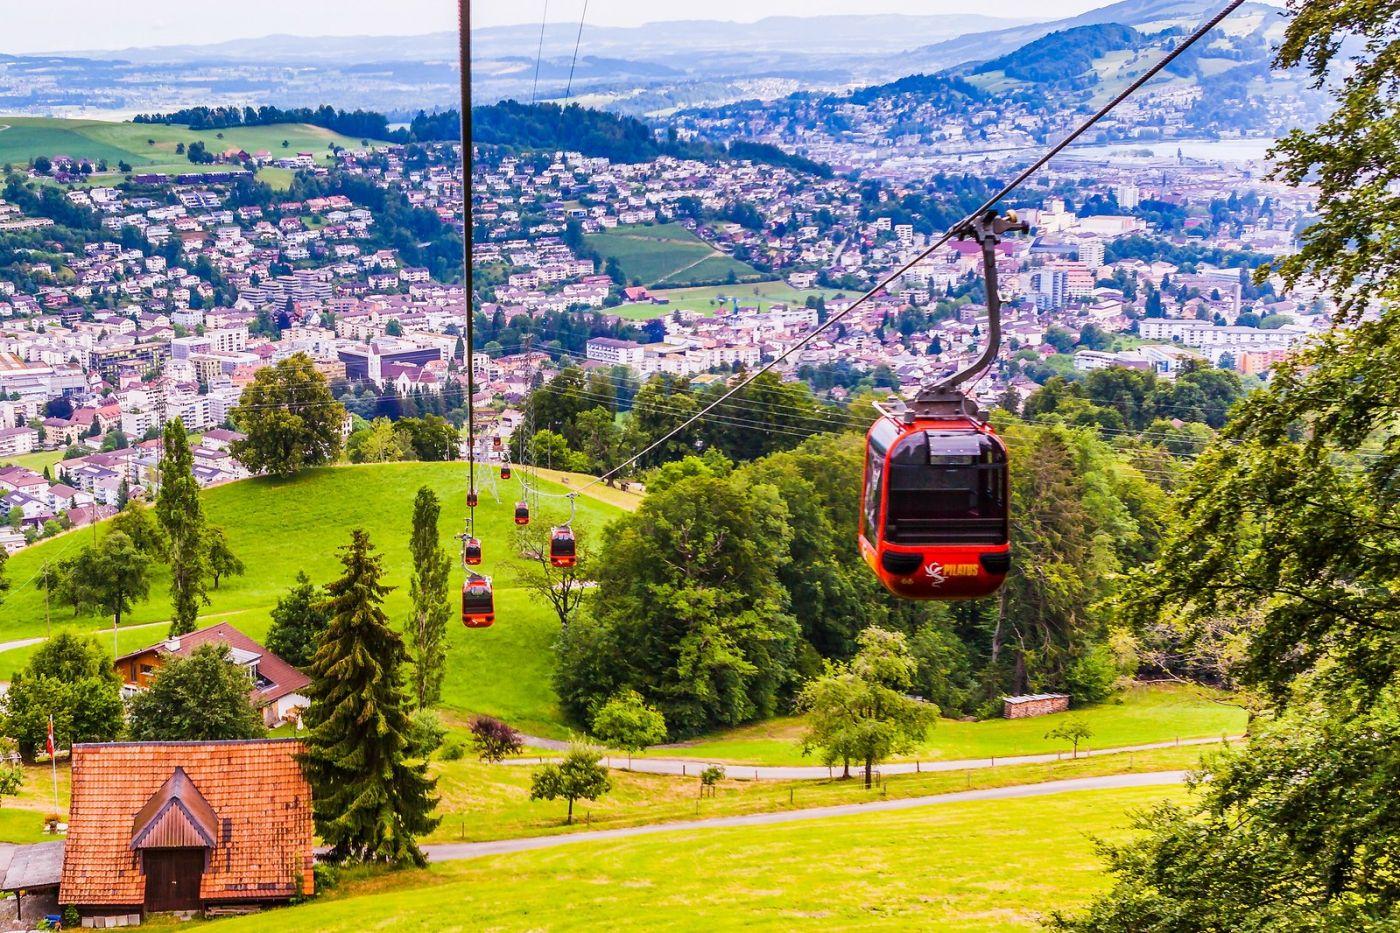 瑞士卢塞恩(Lucerne),坐缆车看风景_图1-6